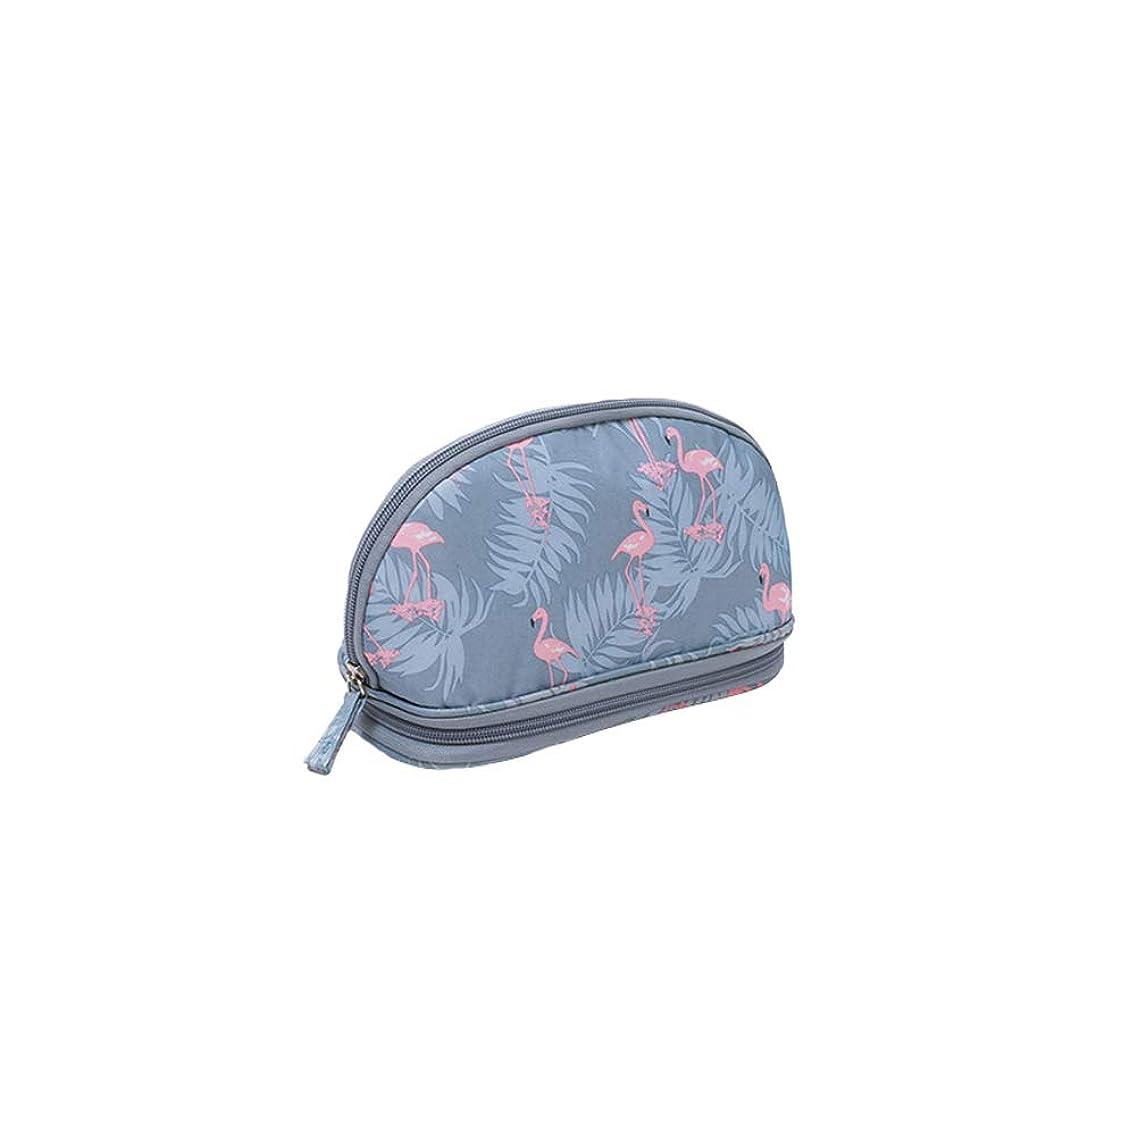 収納ポーチ 化粧ポーチ トラベルポーチ コスメポーチ メイクポーチ 小物入れ トラベルポーチ 大容量 軽量 防水 携帯用 (グレー)